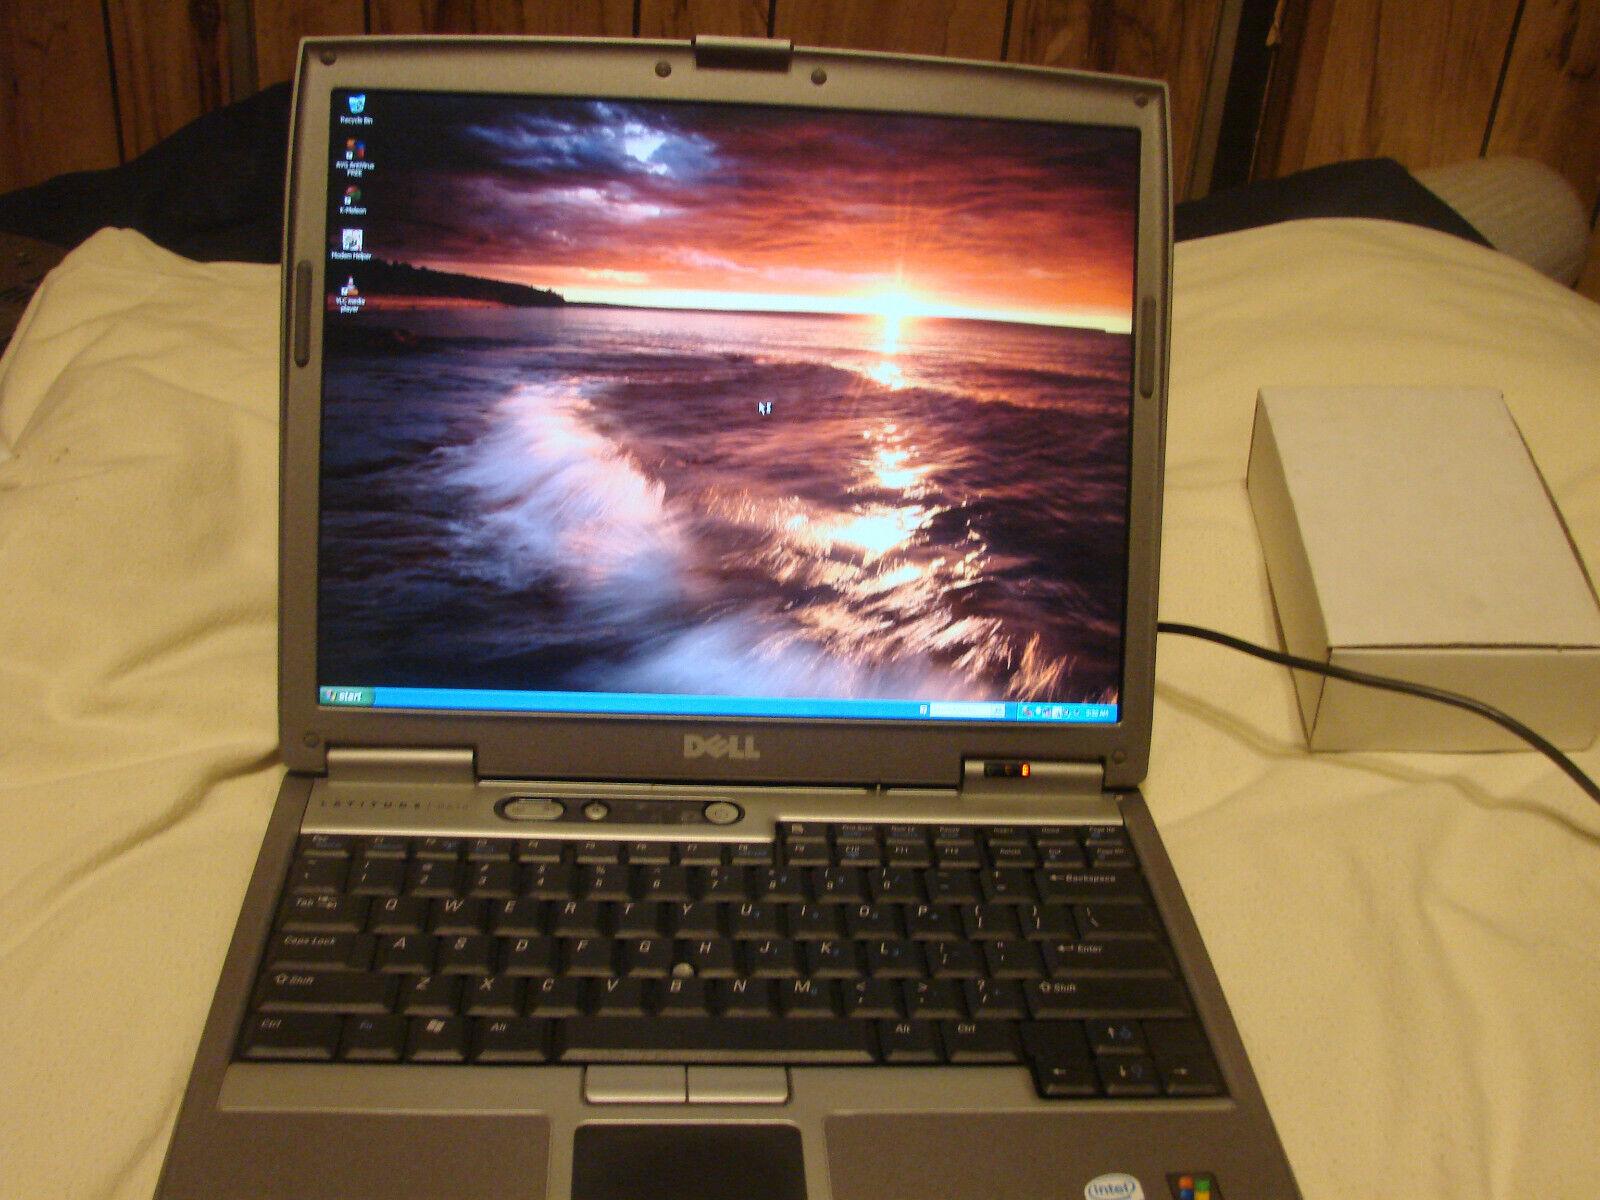 Laptop Windows - DELL  LATITUDE  D610  WINDOWS  XP  PROFESSIONAL  SP3  LAPTOP